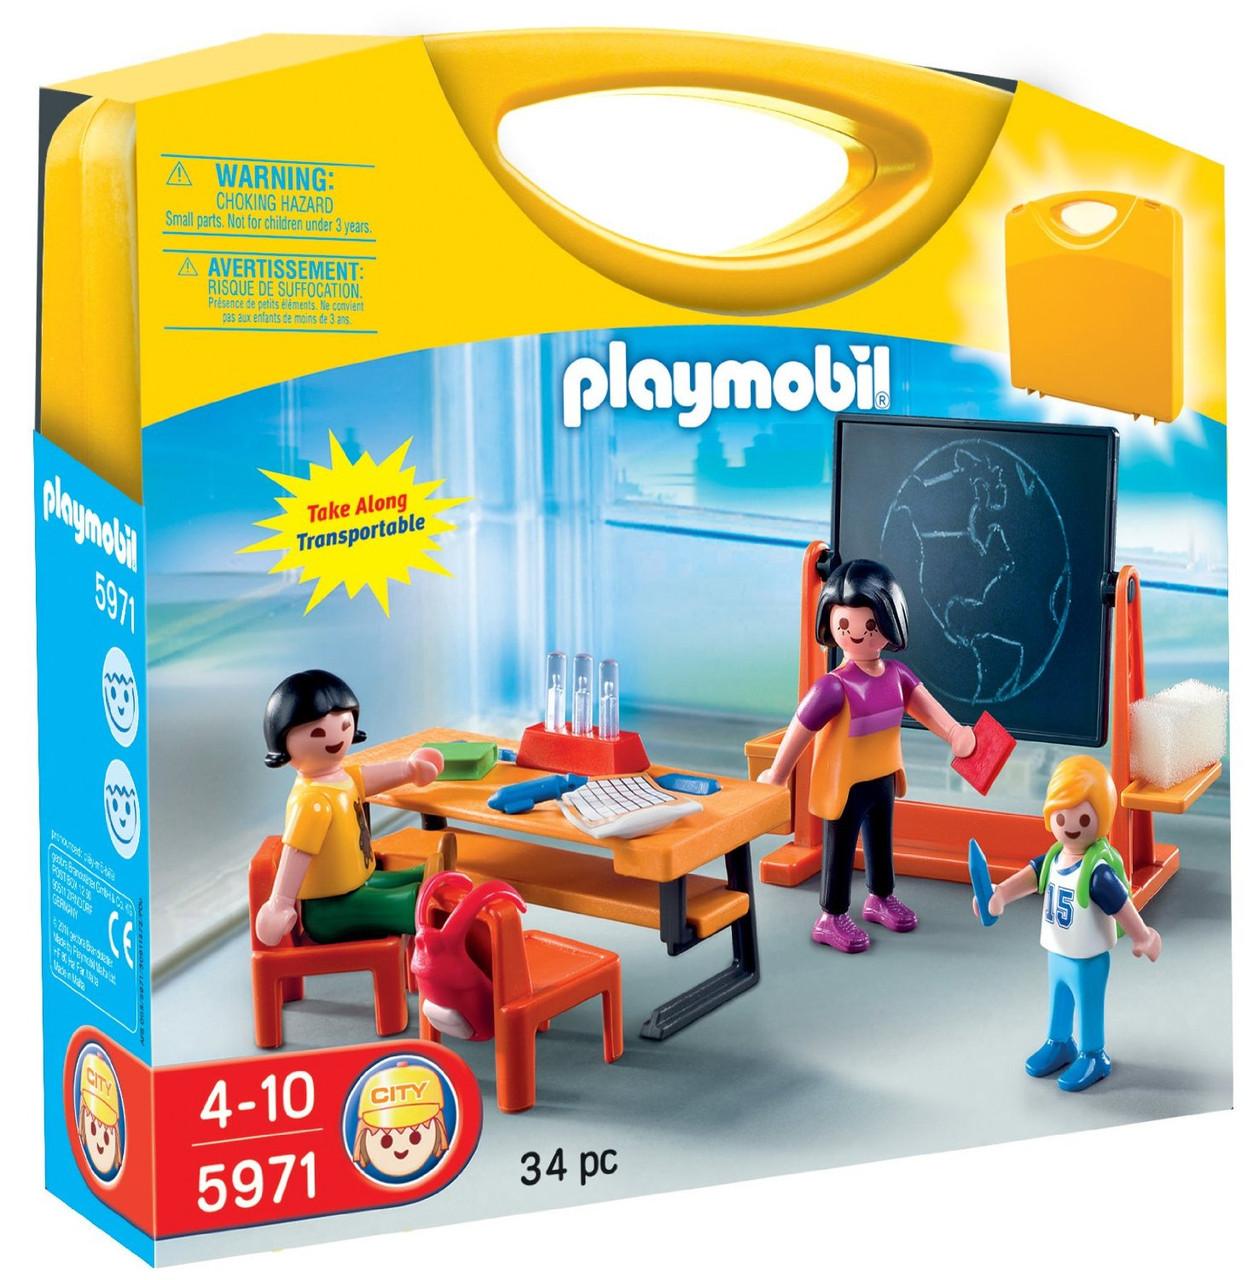 Playmobil 5971 Конструктор Школа   (Конструктор школа Playmobil Возьми с собой, Плеймобил 5971)